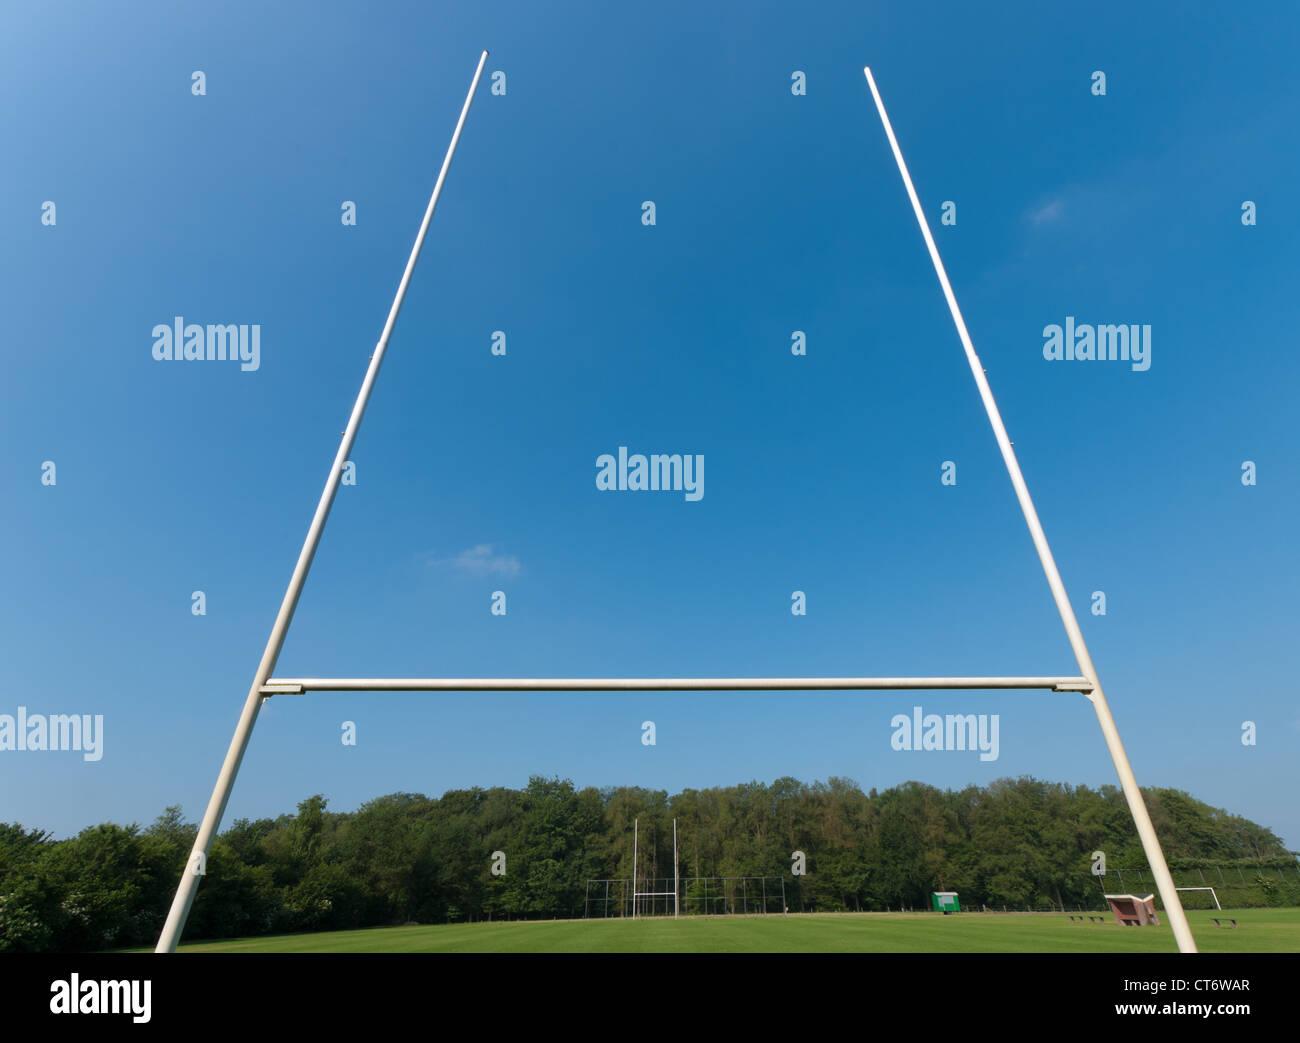 Terrain de rugby avec le rugby poster à l'avant Photo Stock